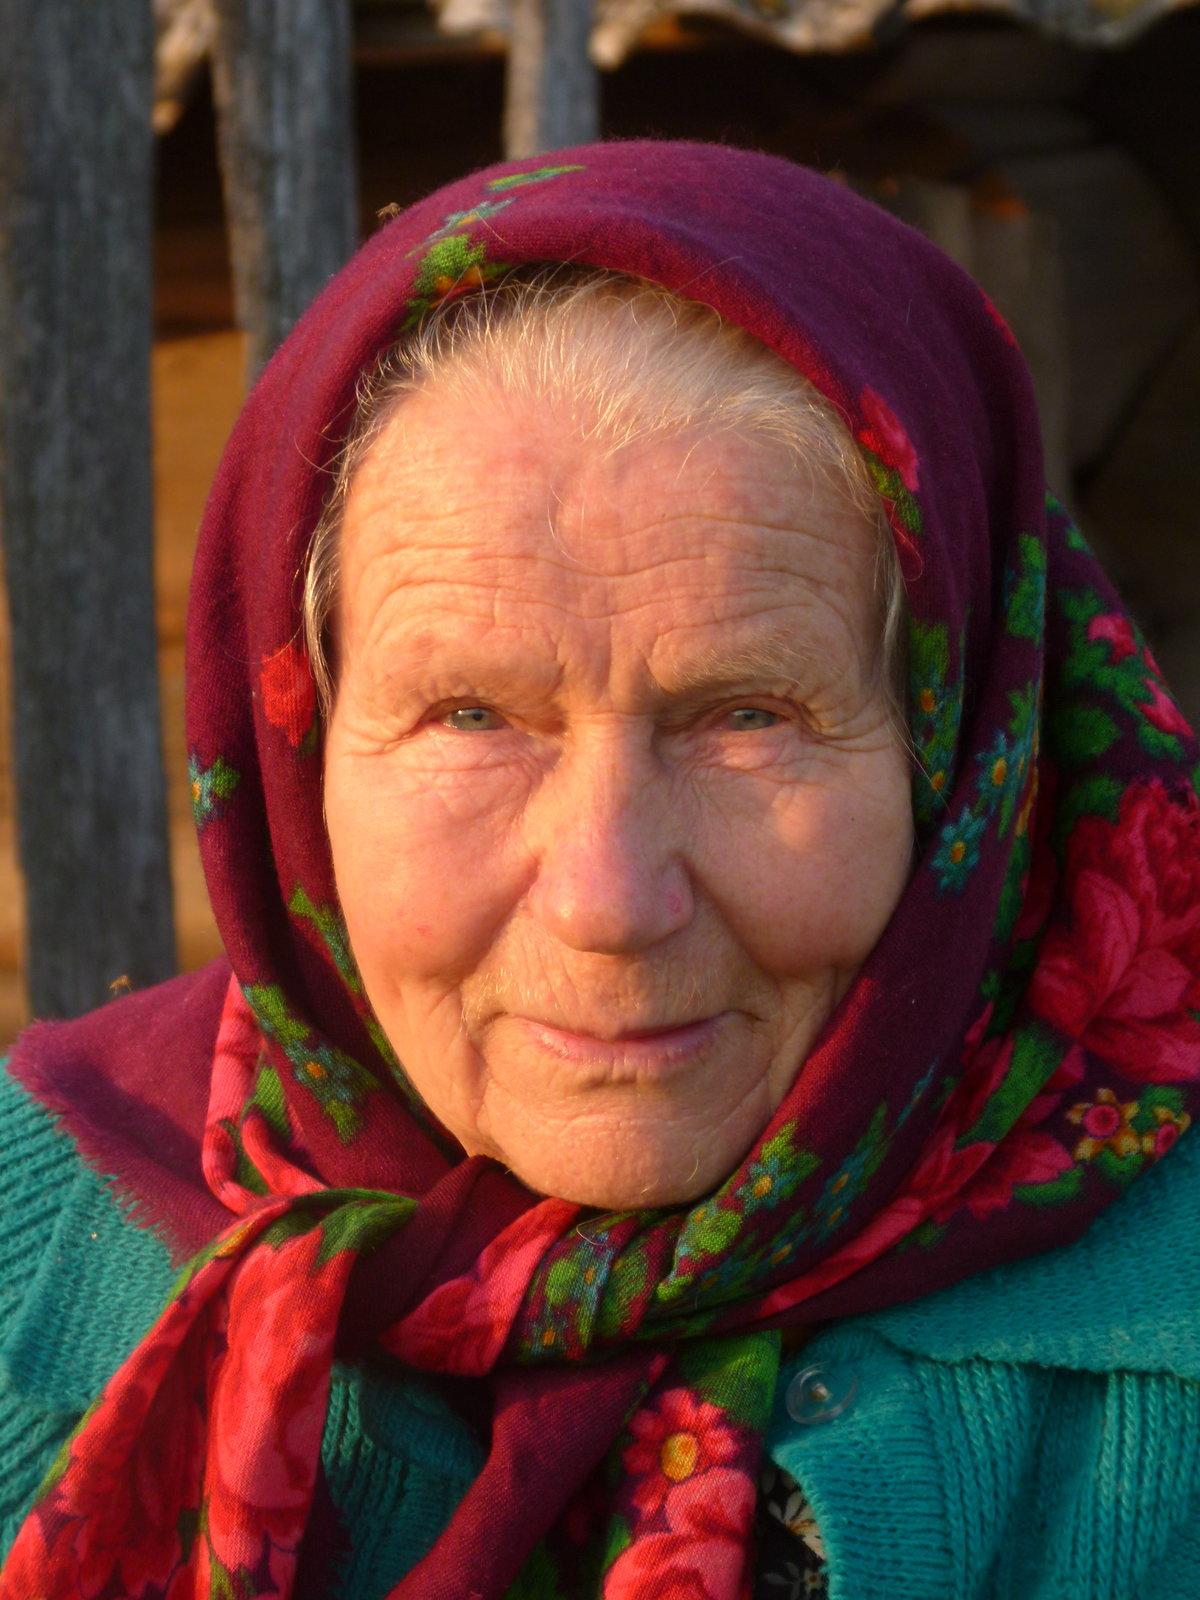 Картинки с лицом бабушки